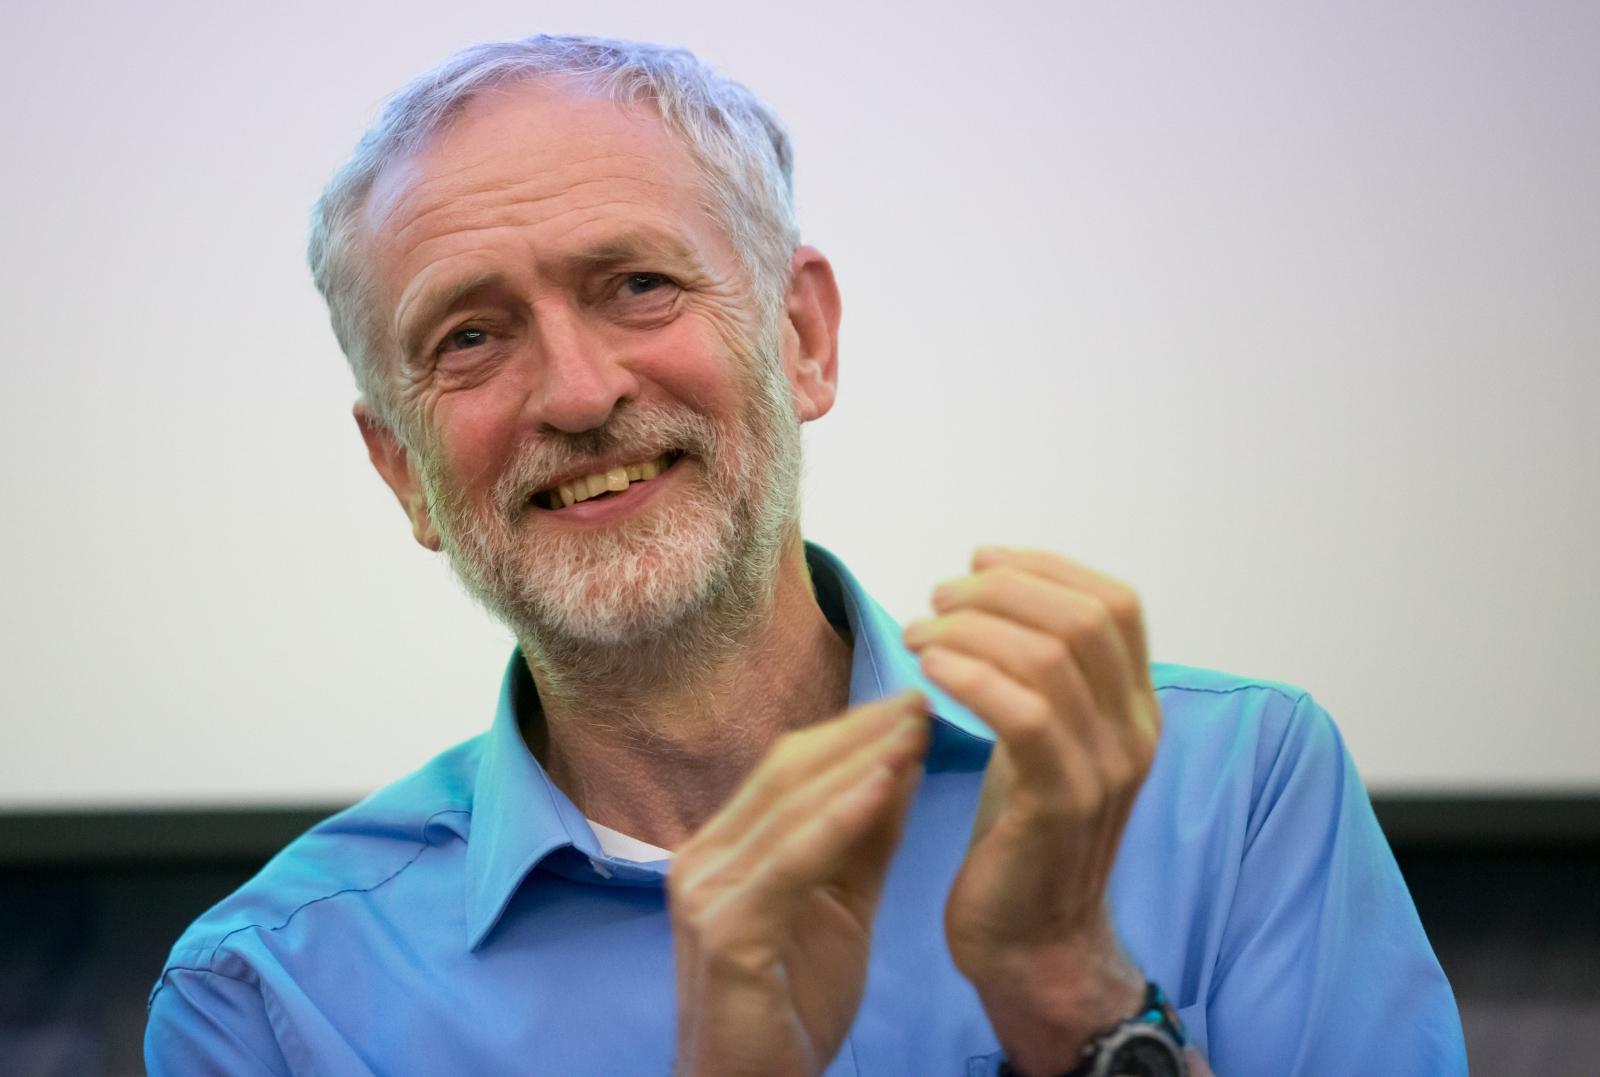 jeremy corbyn - photo #20